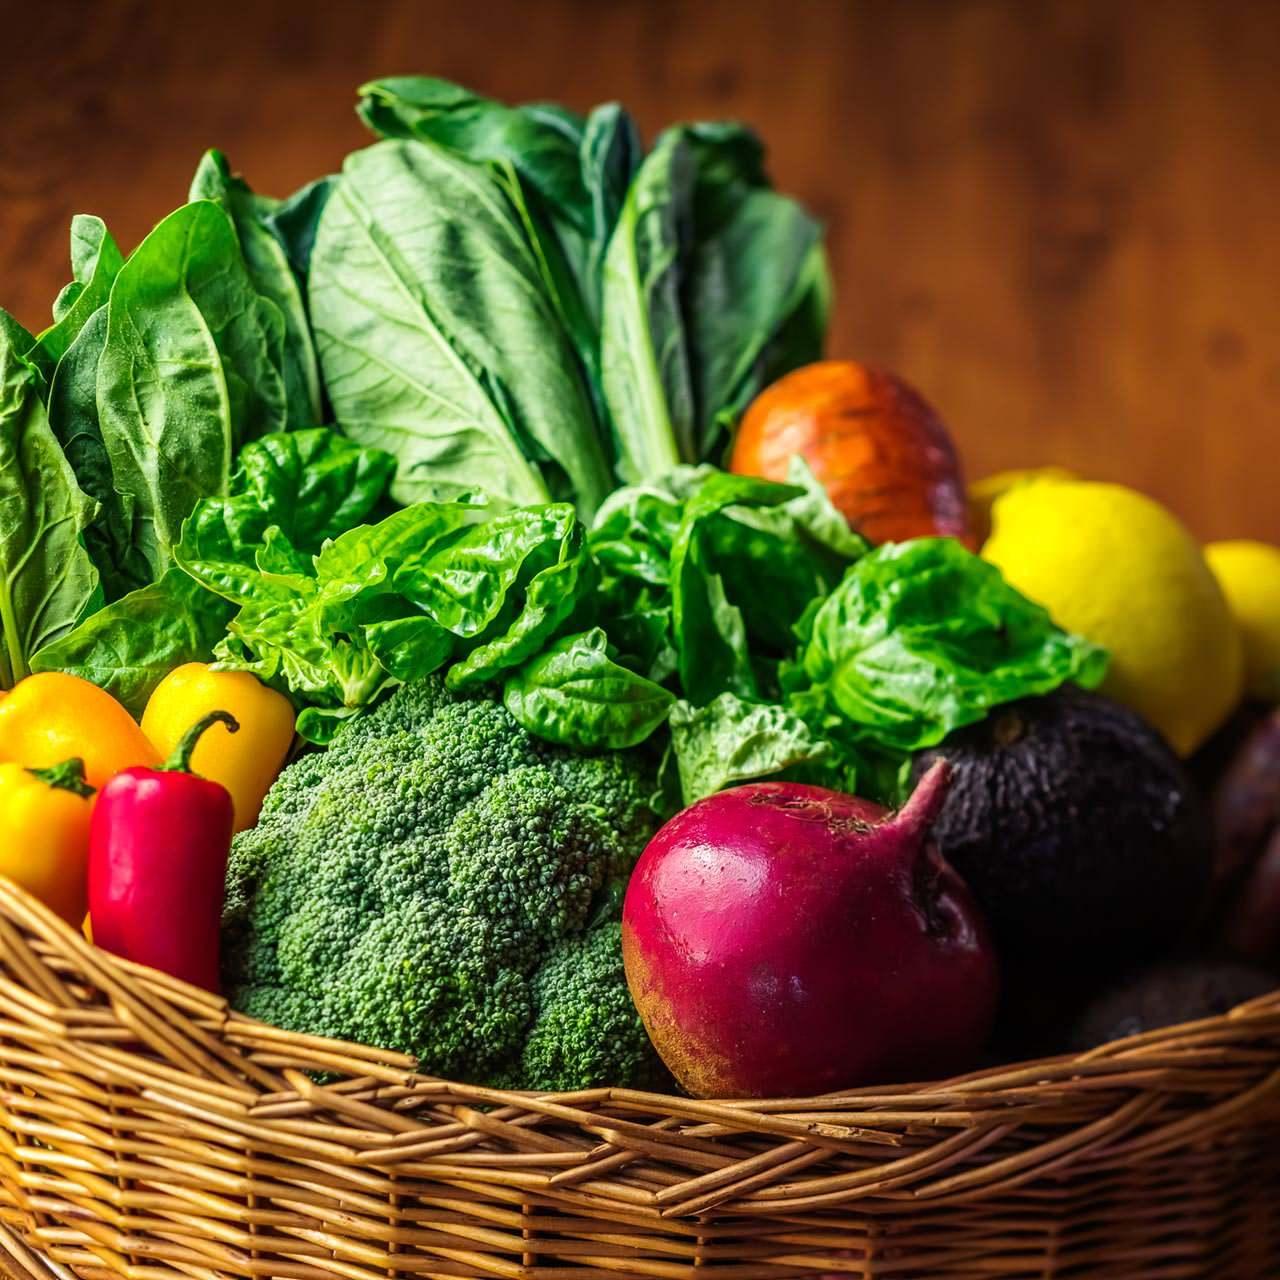 有機栽培・農薬不使用の素材を厳選